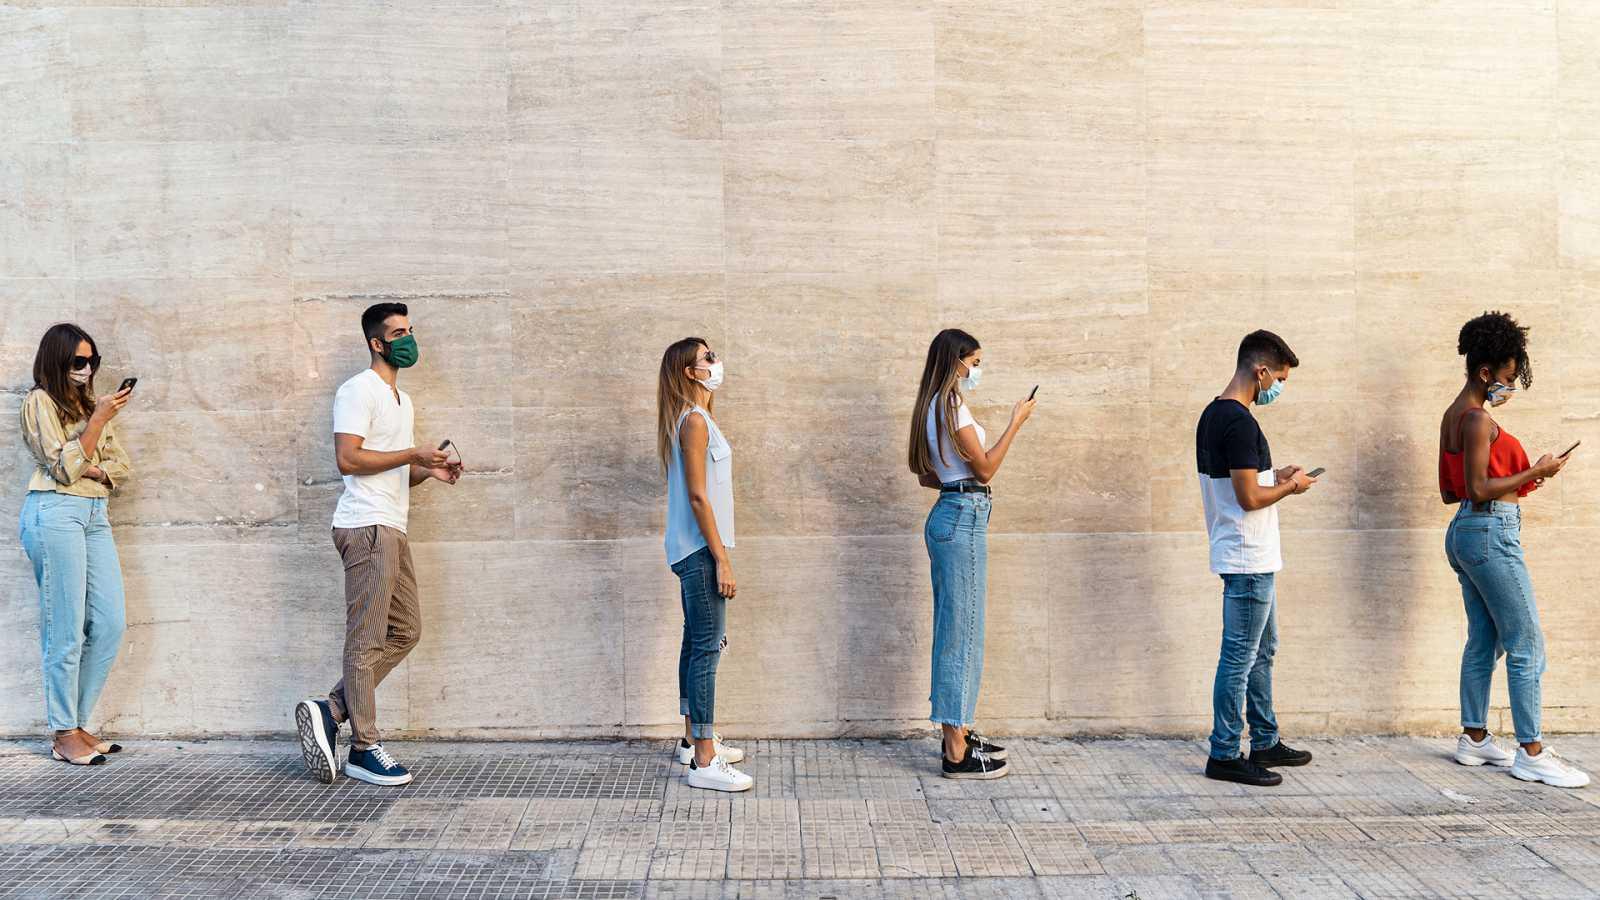 Punto de enlace - La pandemia agudiza la precariedad laboral de los jóvenes - escuchar ahora